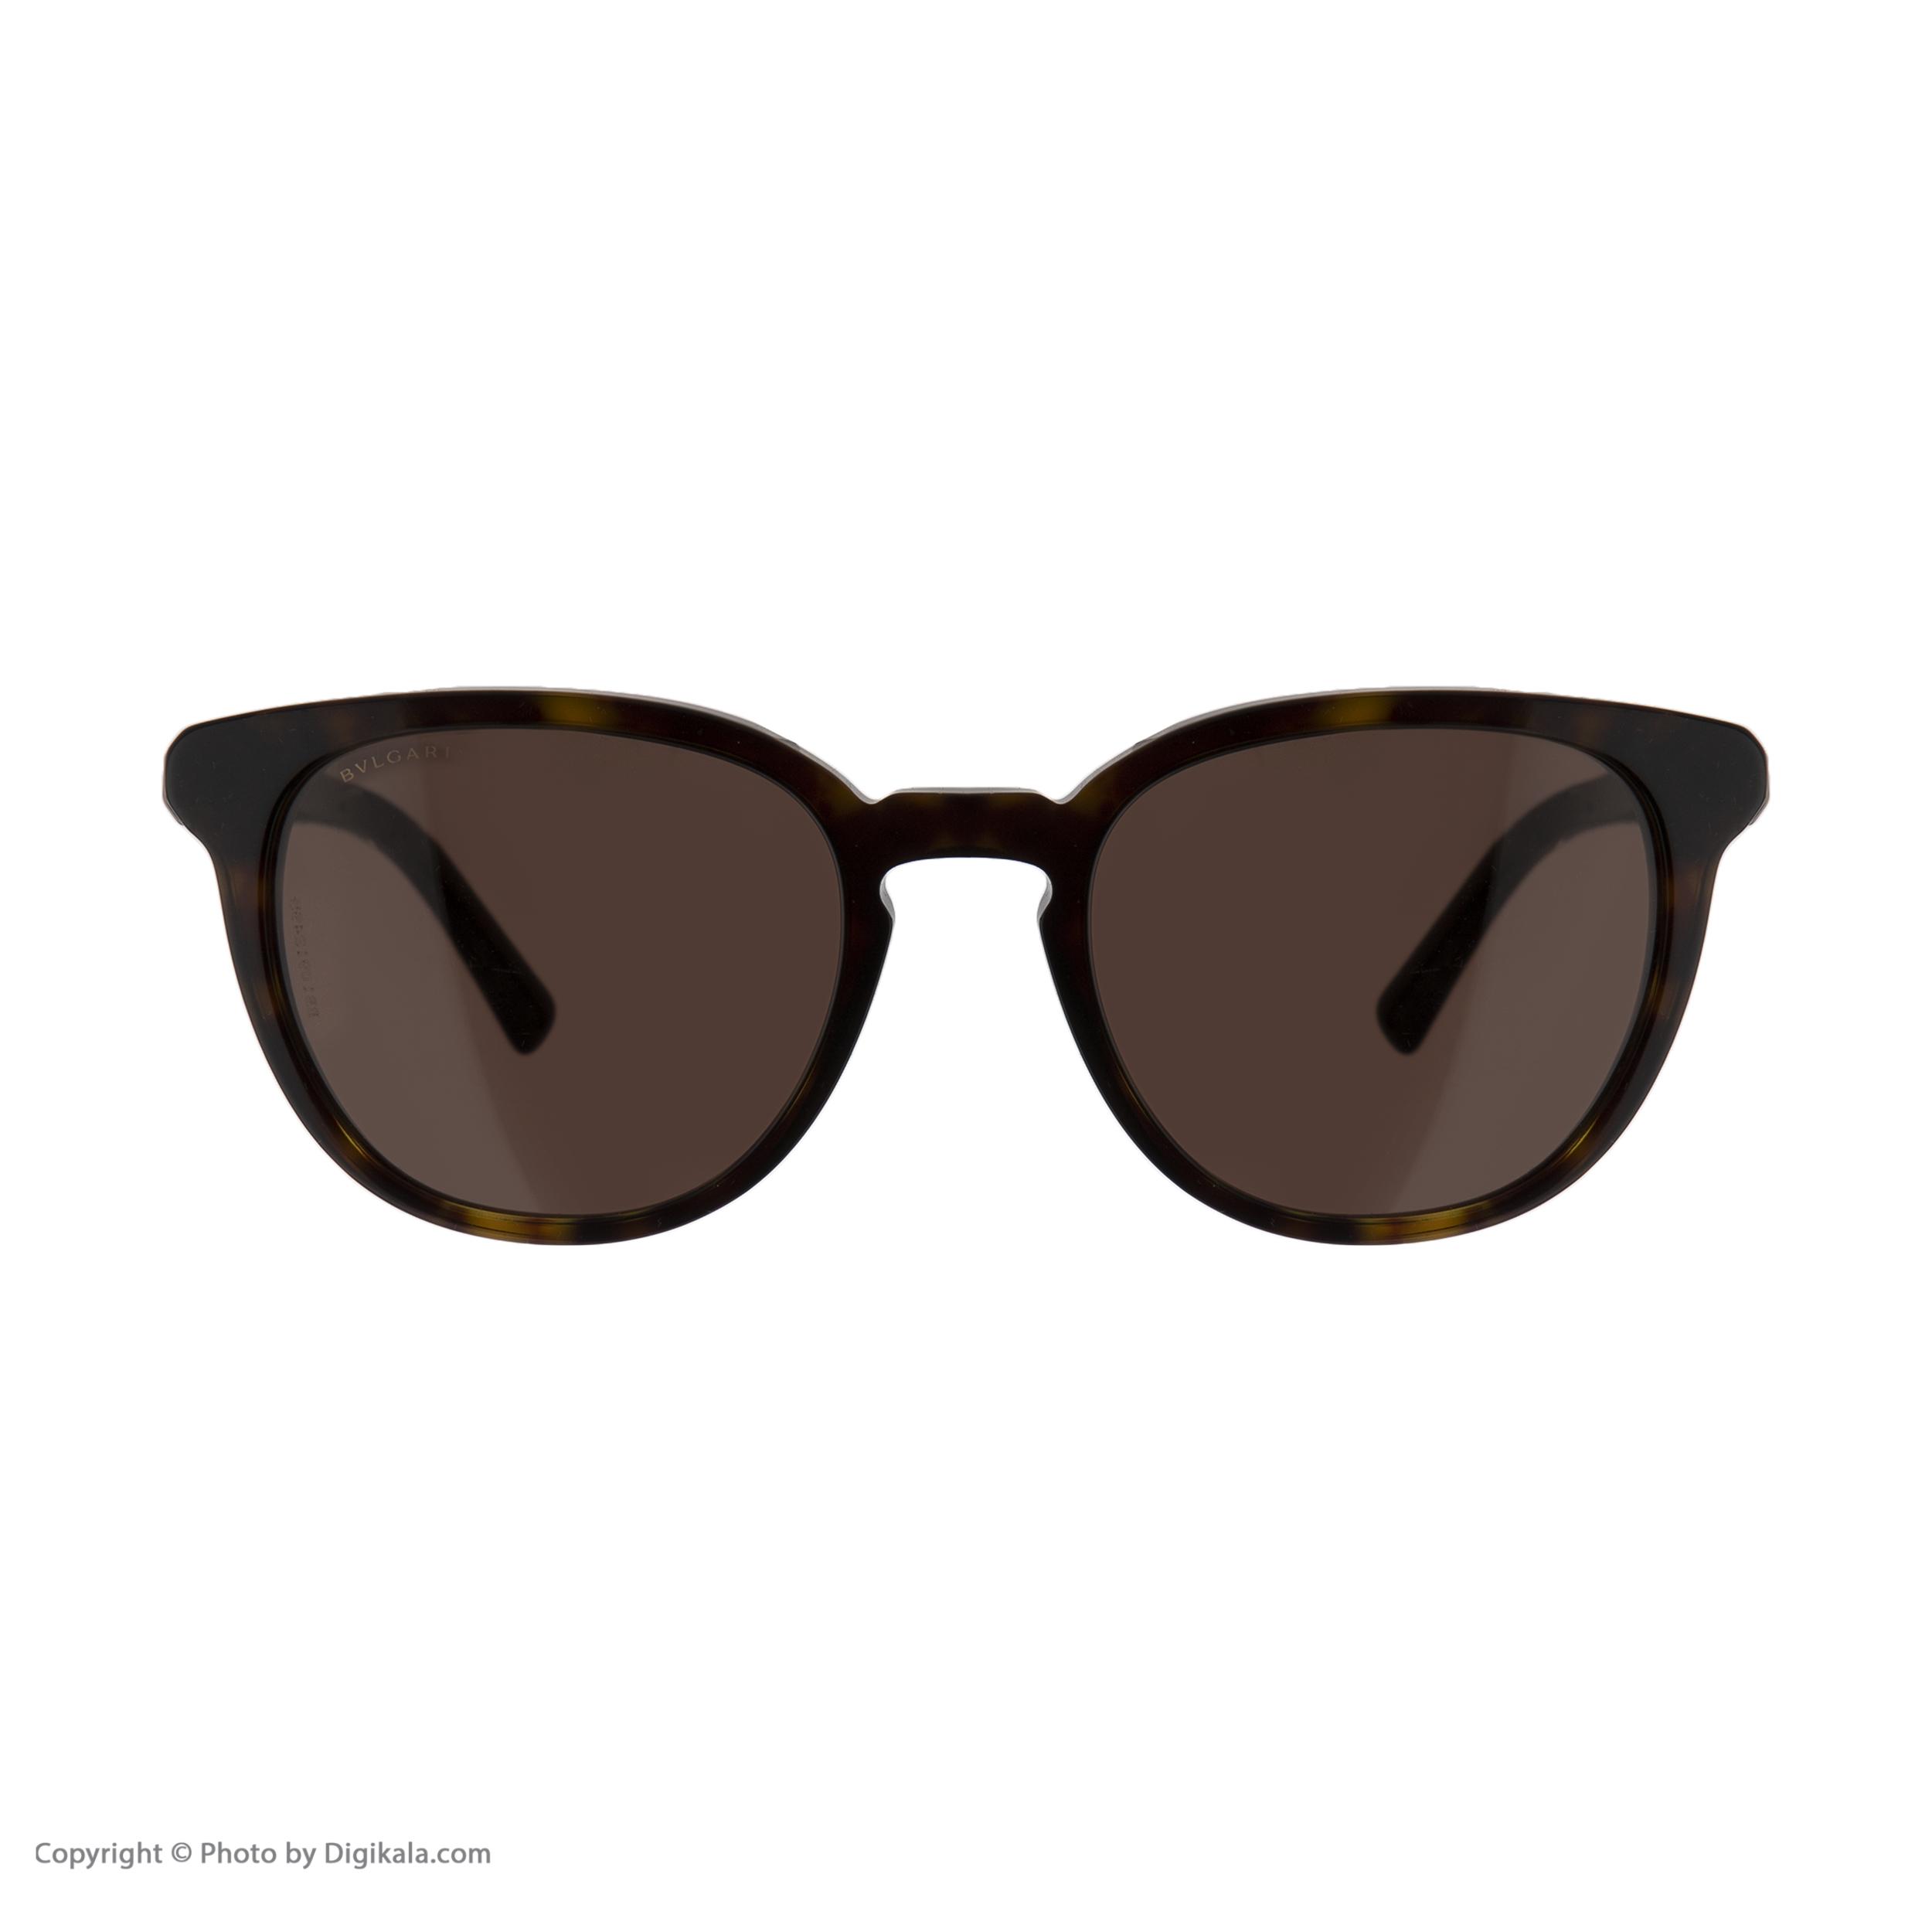 عینک آفتابی بولگاری مدل BV7019S 50473 -  - 3